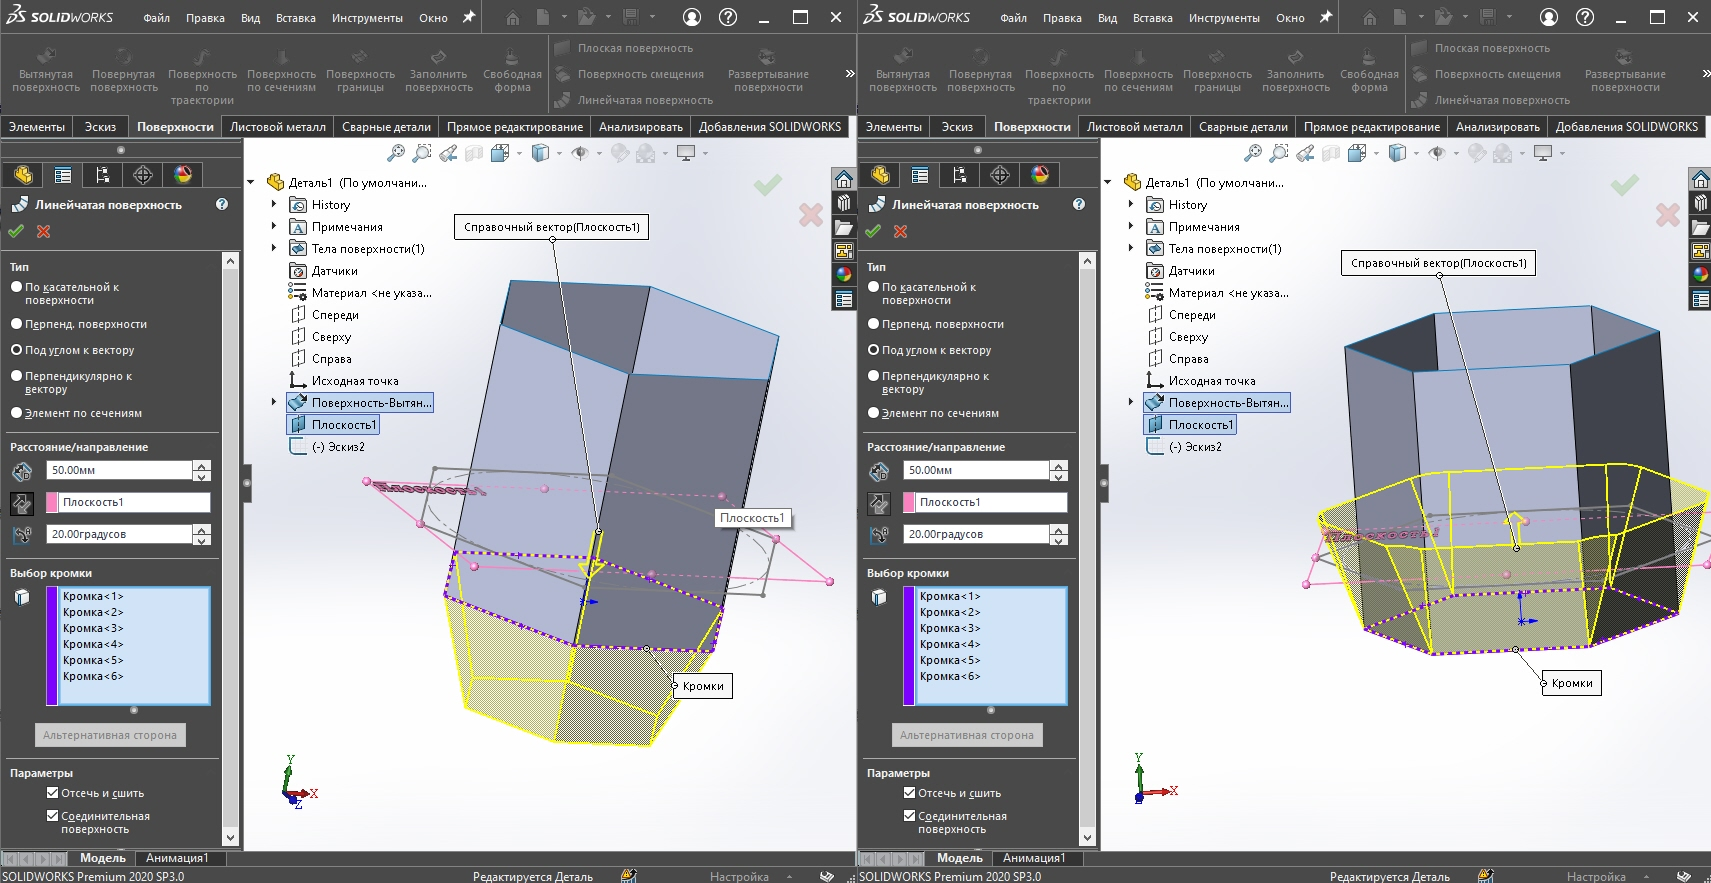 Solidworks поверхности, Solidworks инструменты поверхностного проектирования, Solidworks инструмент линейчатая поверхность, линейчатая поверхность, линейчатая поверхность под углом к вектору, SOLIDWORKS типы линейчатых поверхностей под углом к вектору